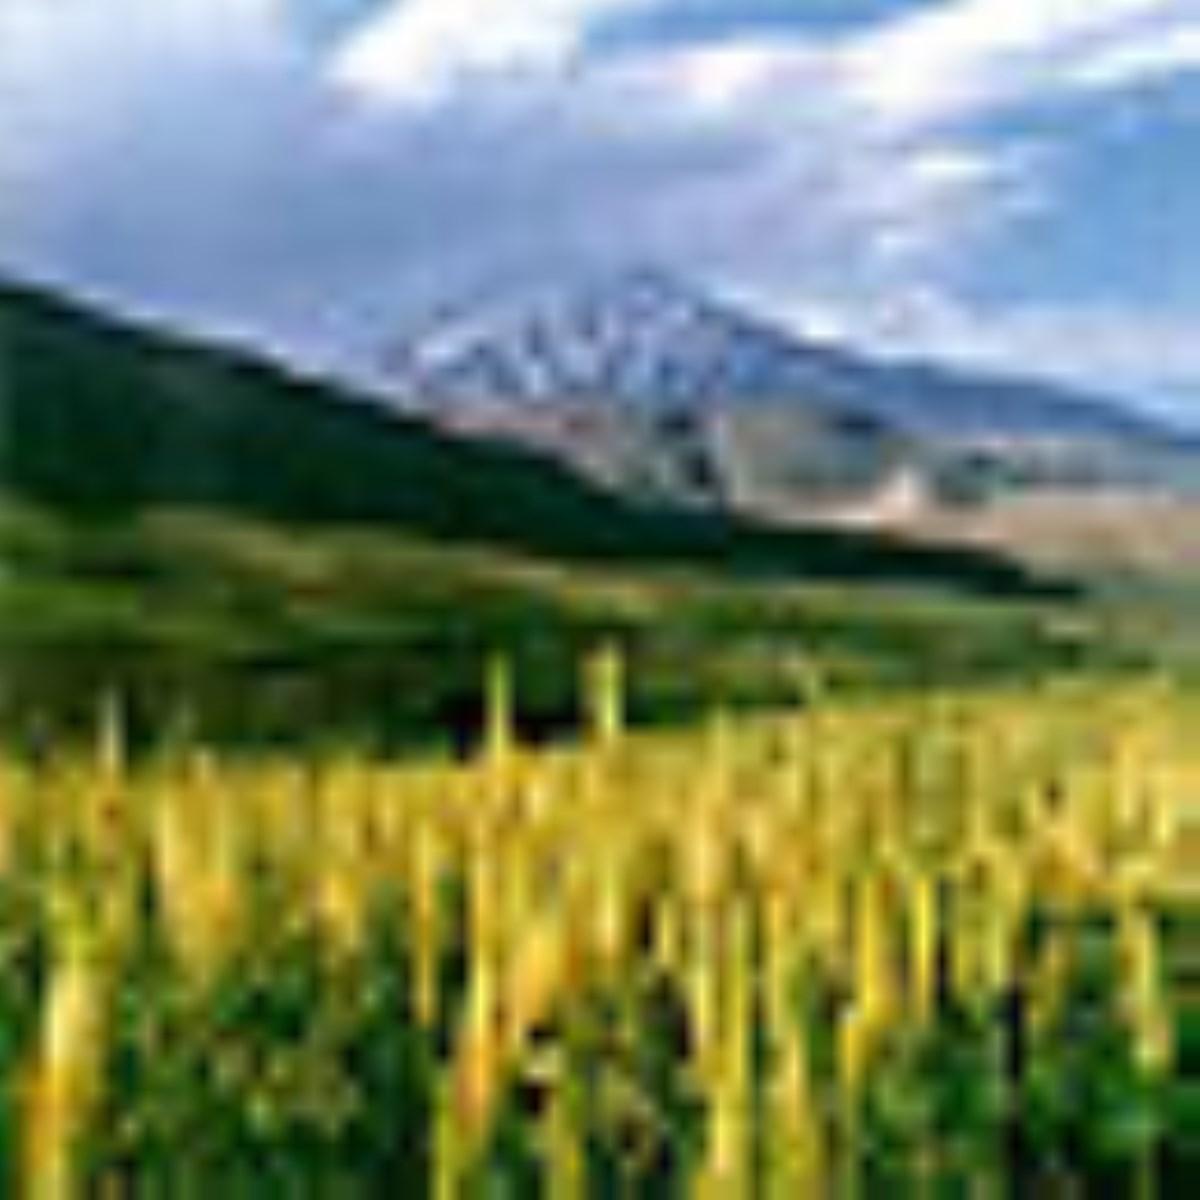 دماوند خاستگاه اساطیری ایران زمین